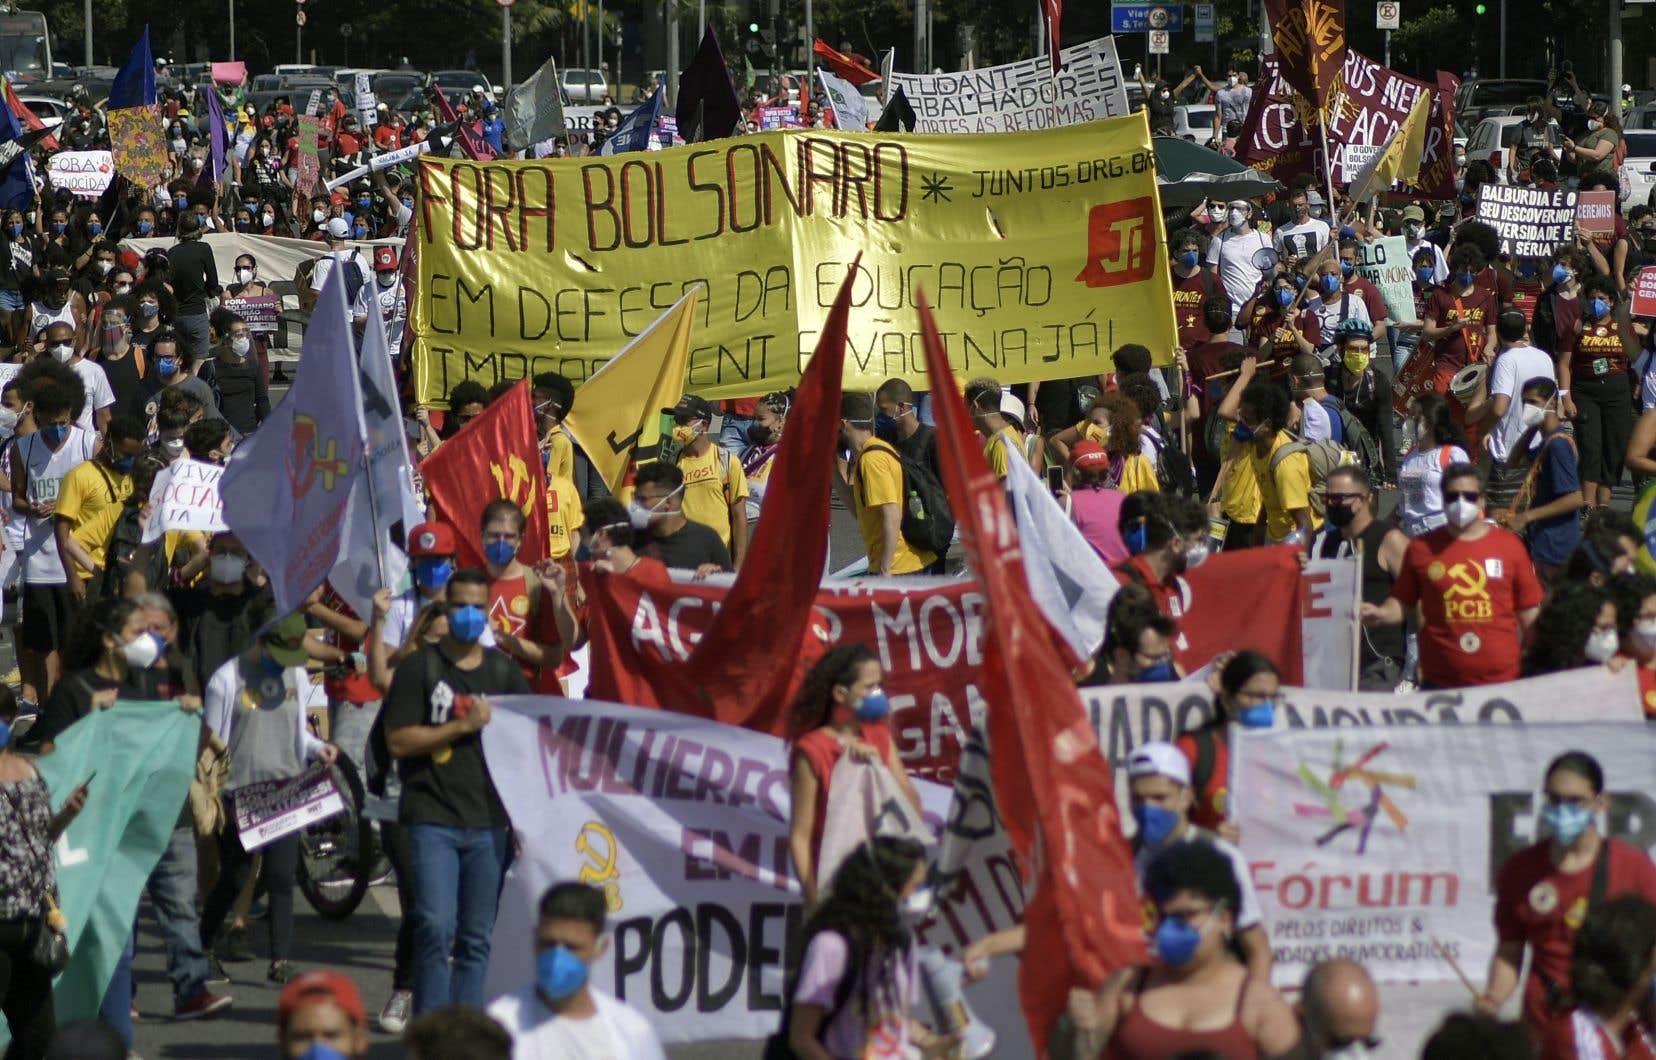 Les manifestants estiment que de nombreux décès auraient pu être évités si le gouvernement avait lancé plus tôt la campagne de vaccination, qui progresse lentement. Ils accusent également le président de promouvoir la déforestation de l'Amazonie, la violence et le racisme.